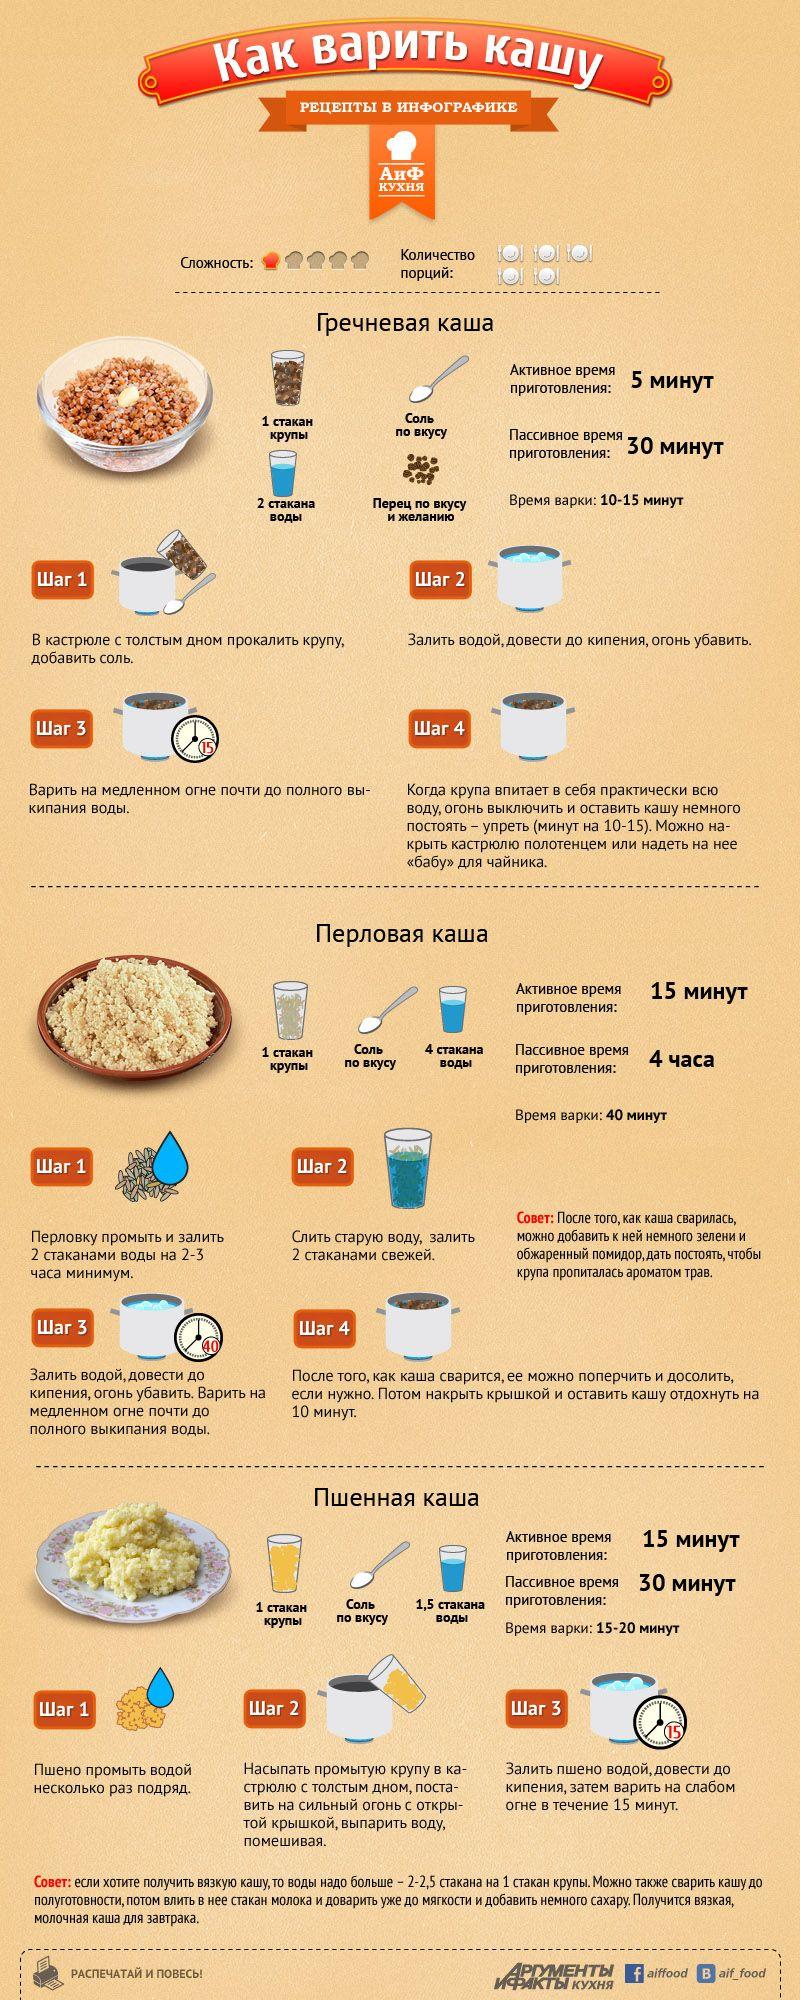 Как варить кашу| рецепты в инфографике